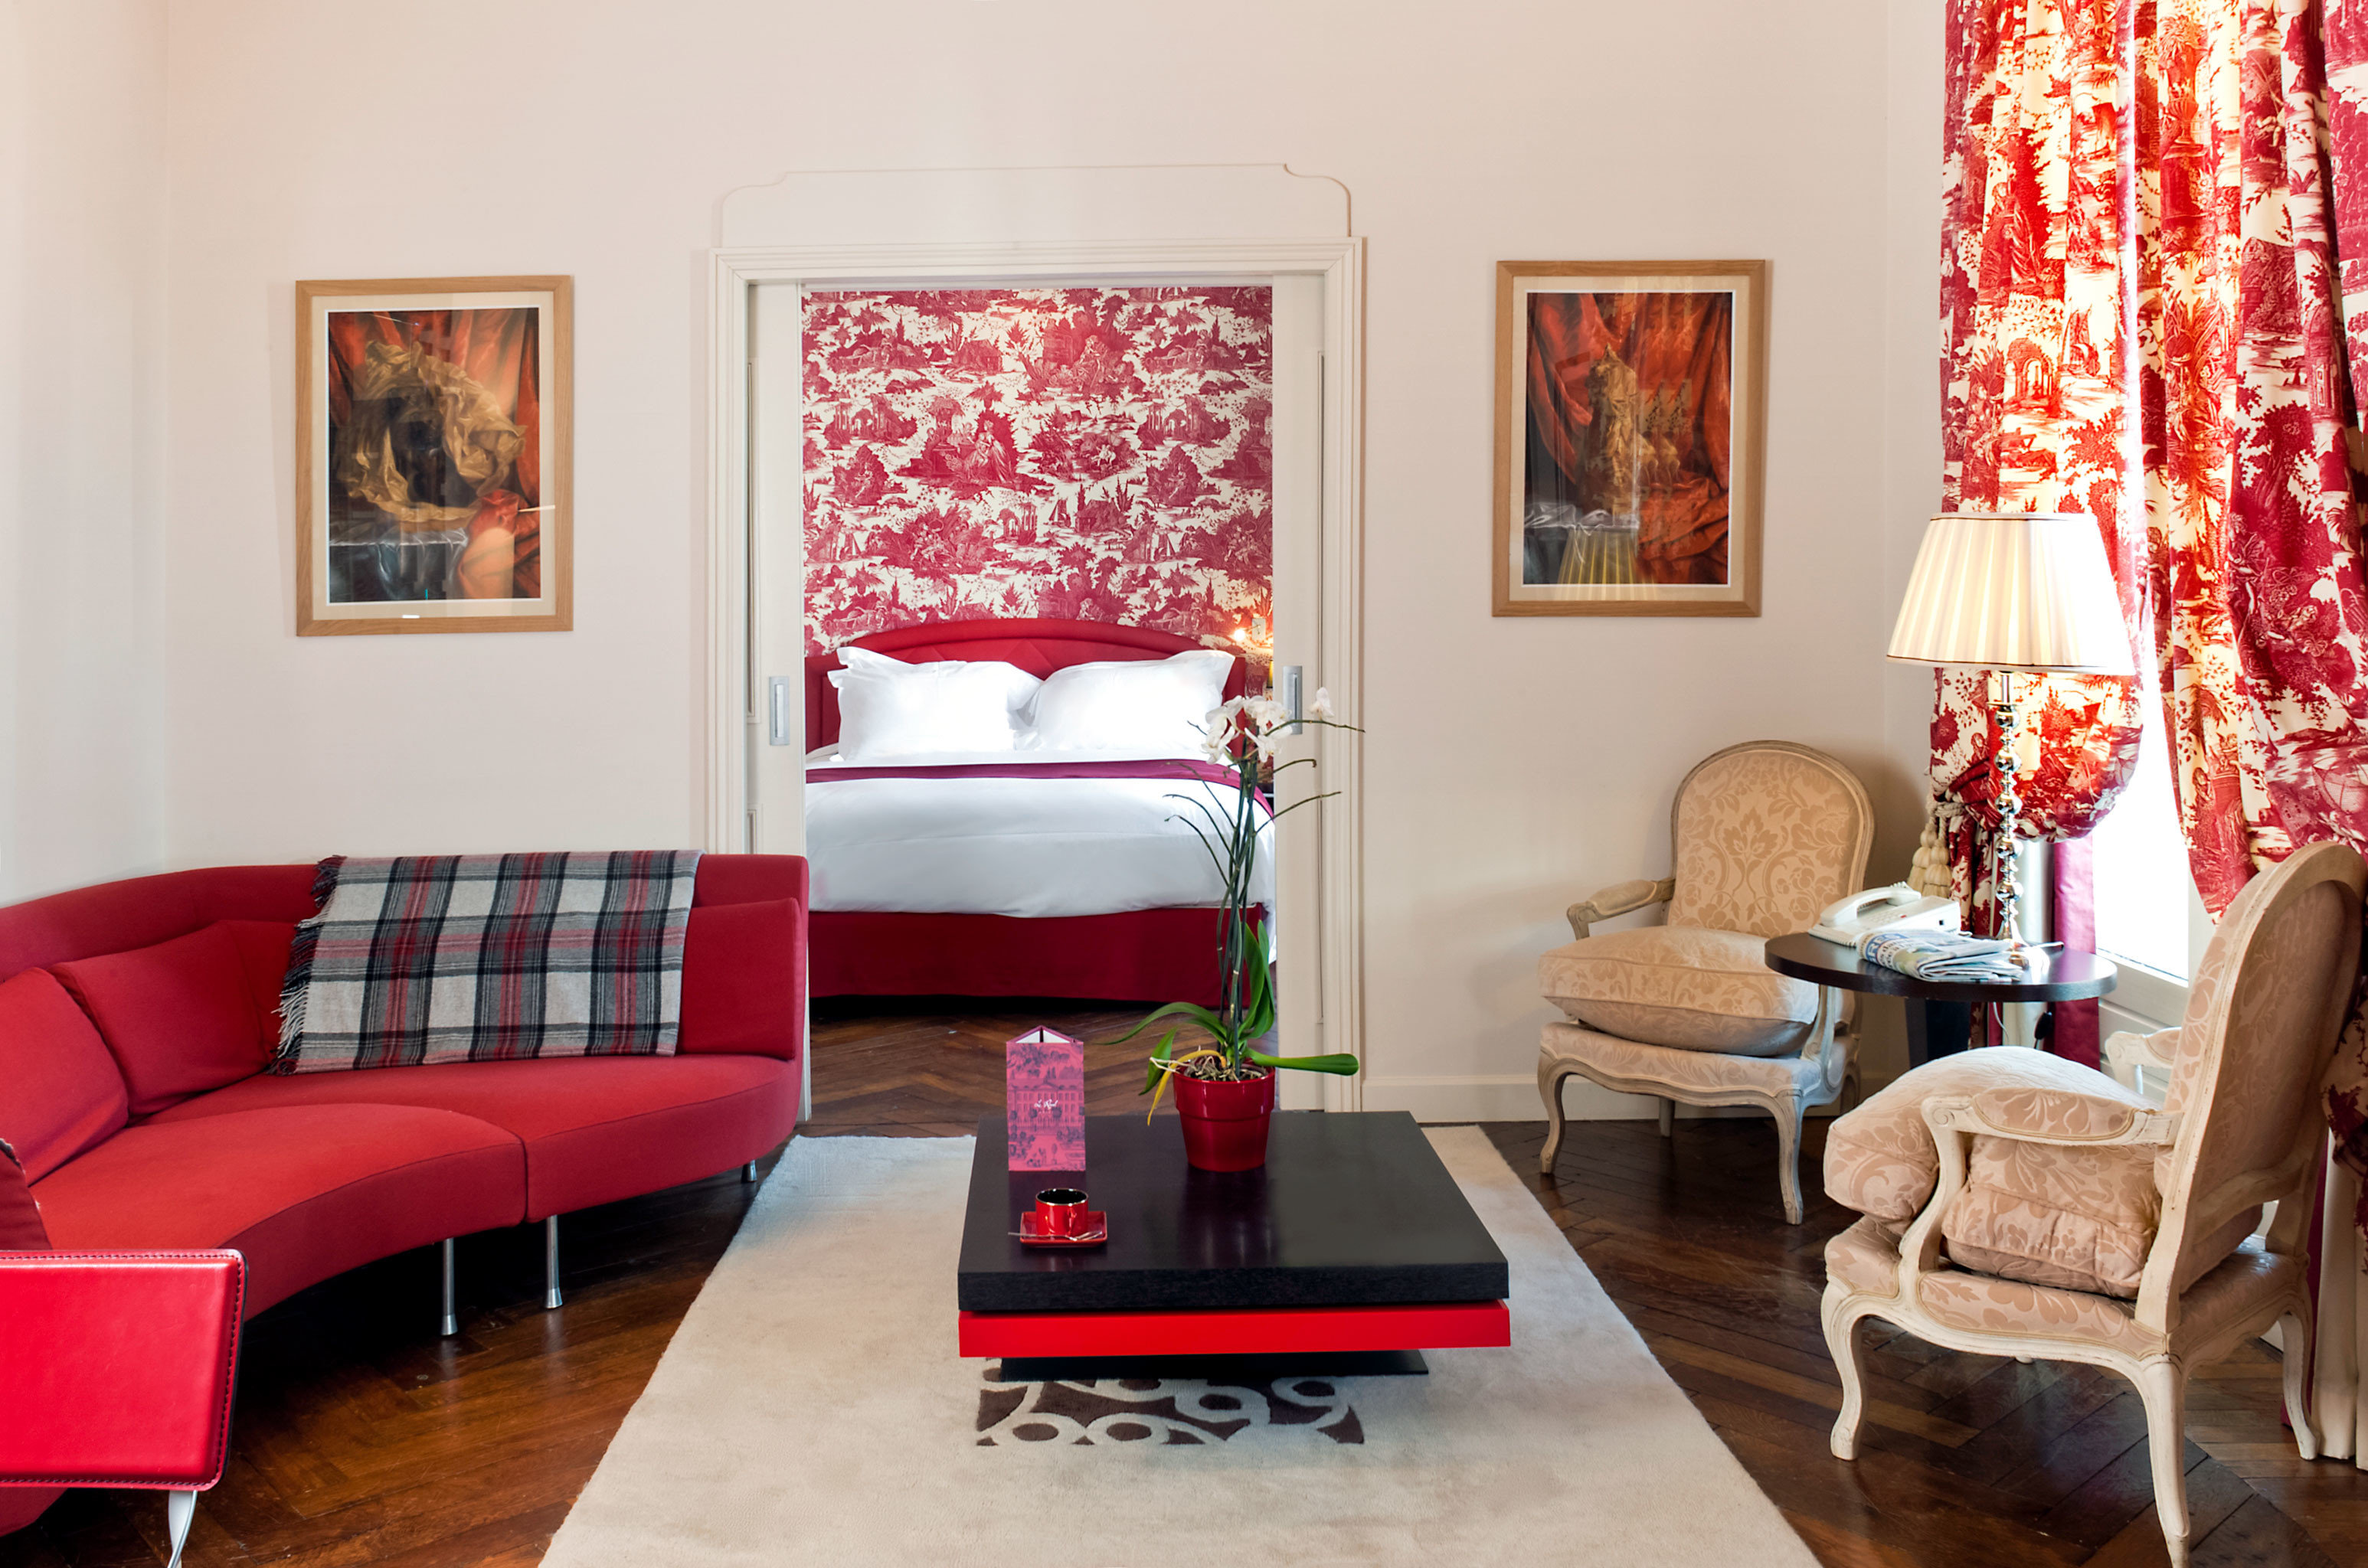 Bedroom Hip Modern sofa red living room property home cottage